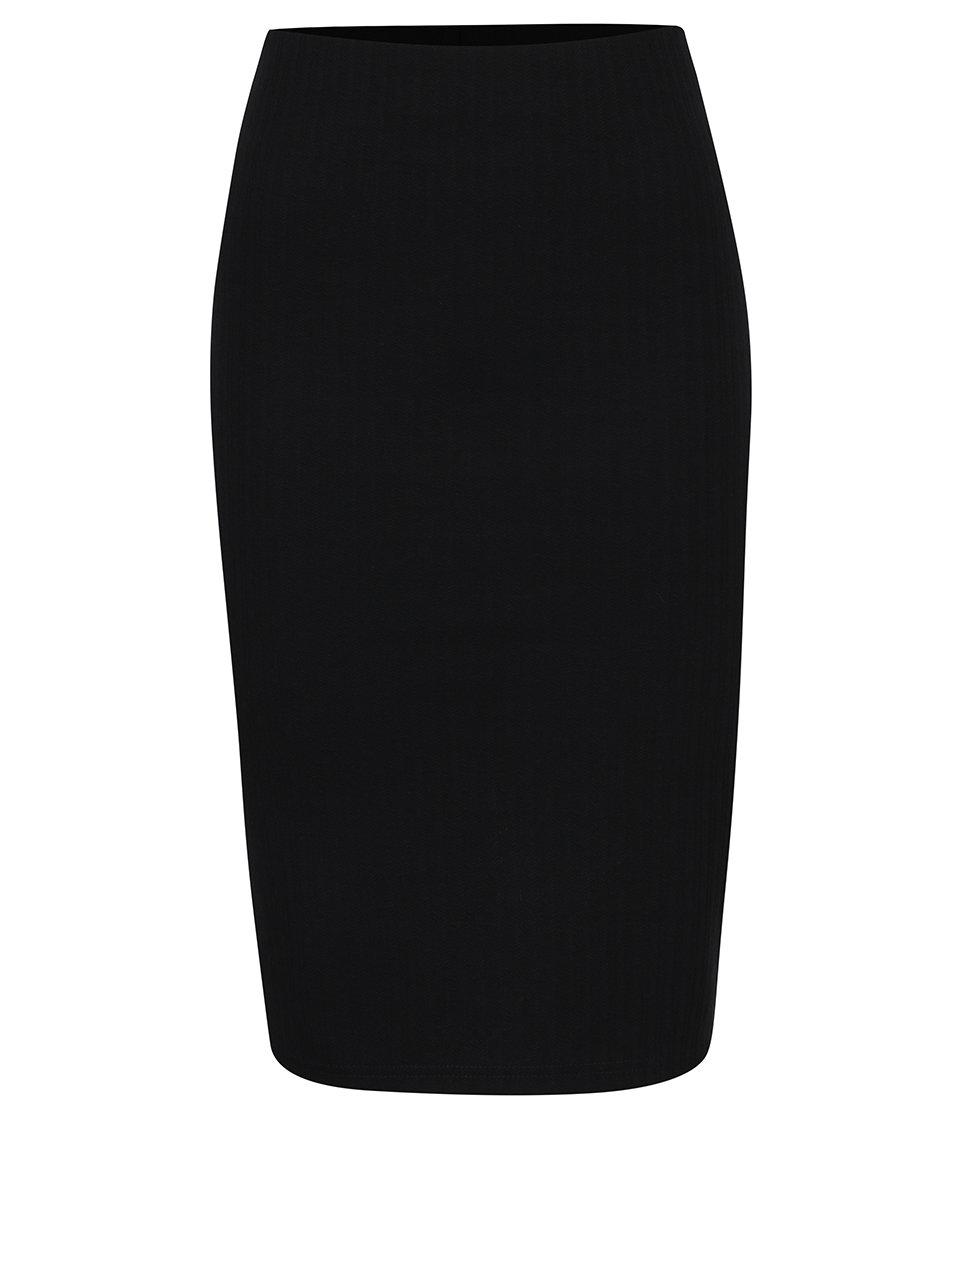 Černá pouzdrová sukně s jemným vzorem VERO MODA Ellie